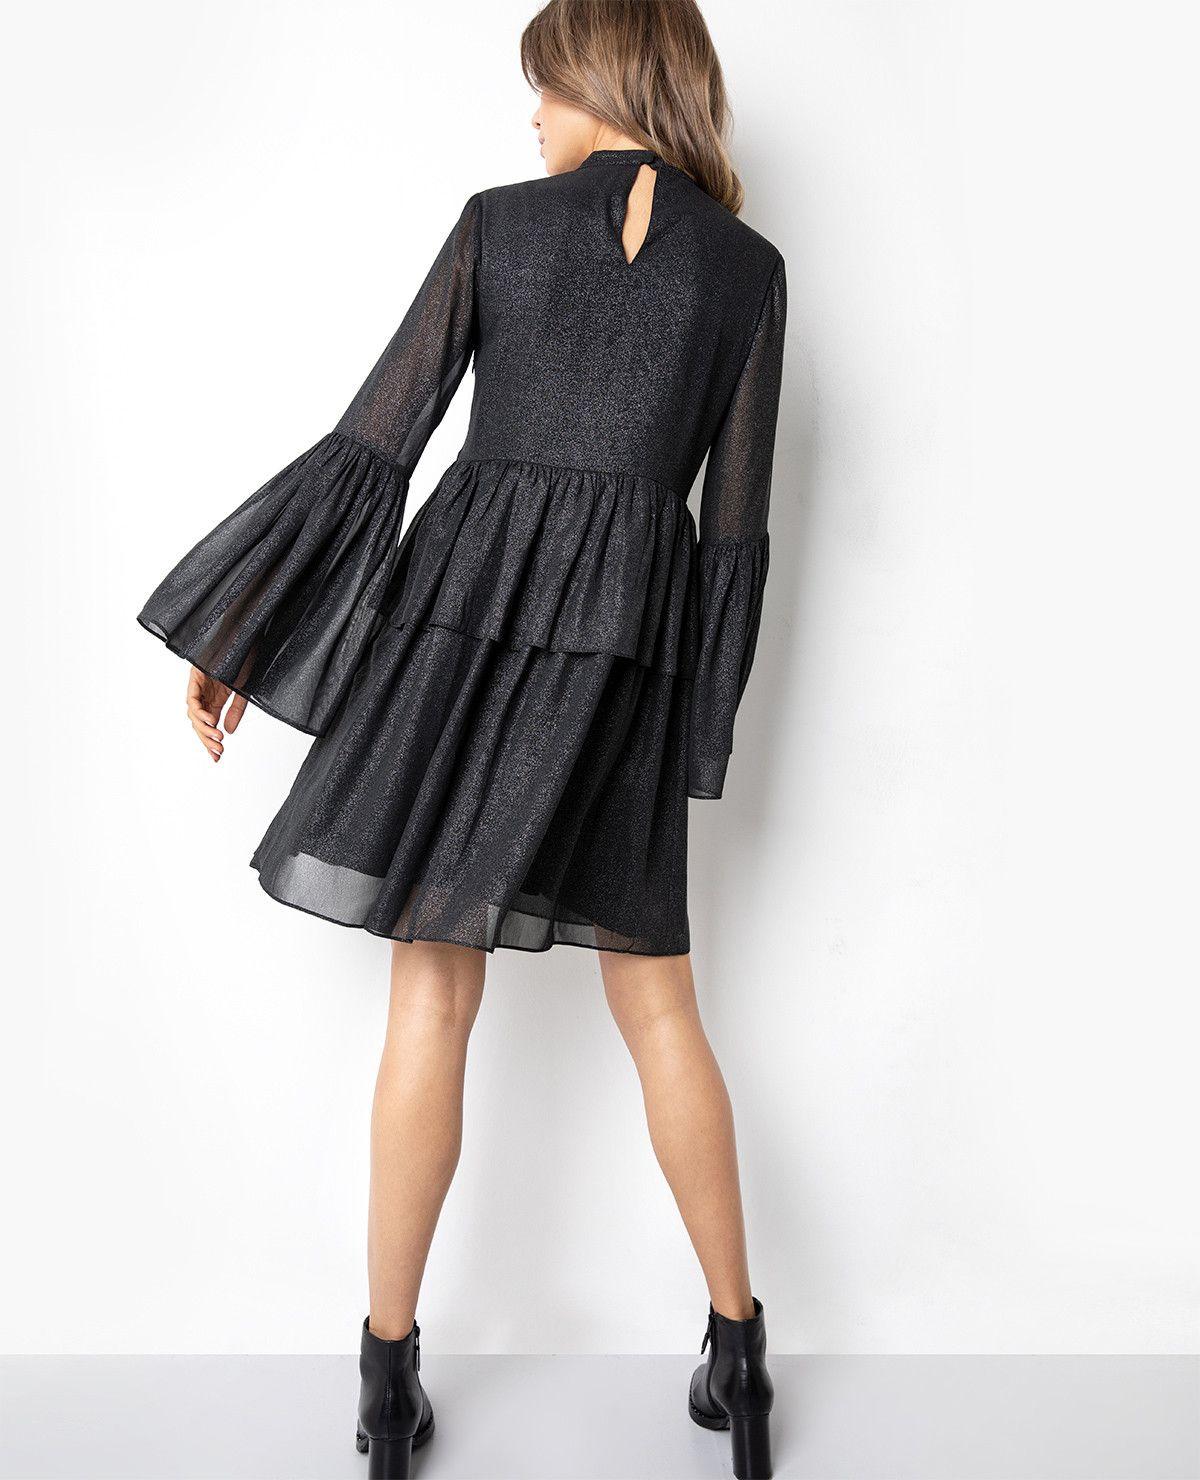 0c848a285601 Affiliate Link] Schwarzes Kleid mit Glitzer, Kourtney glitter ...